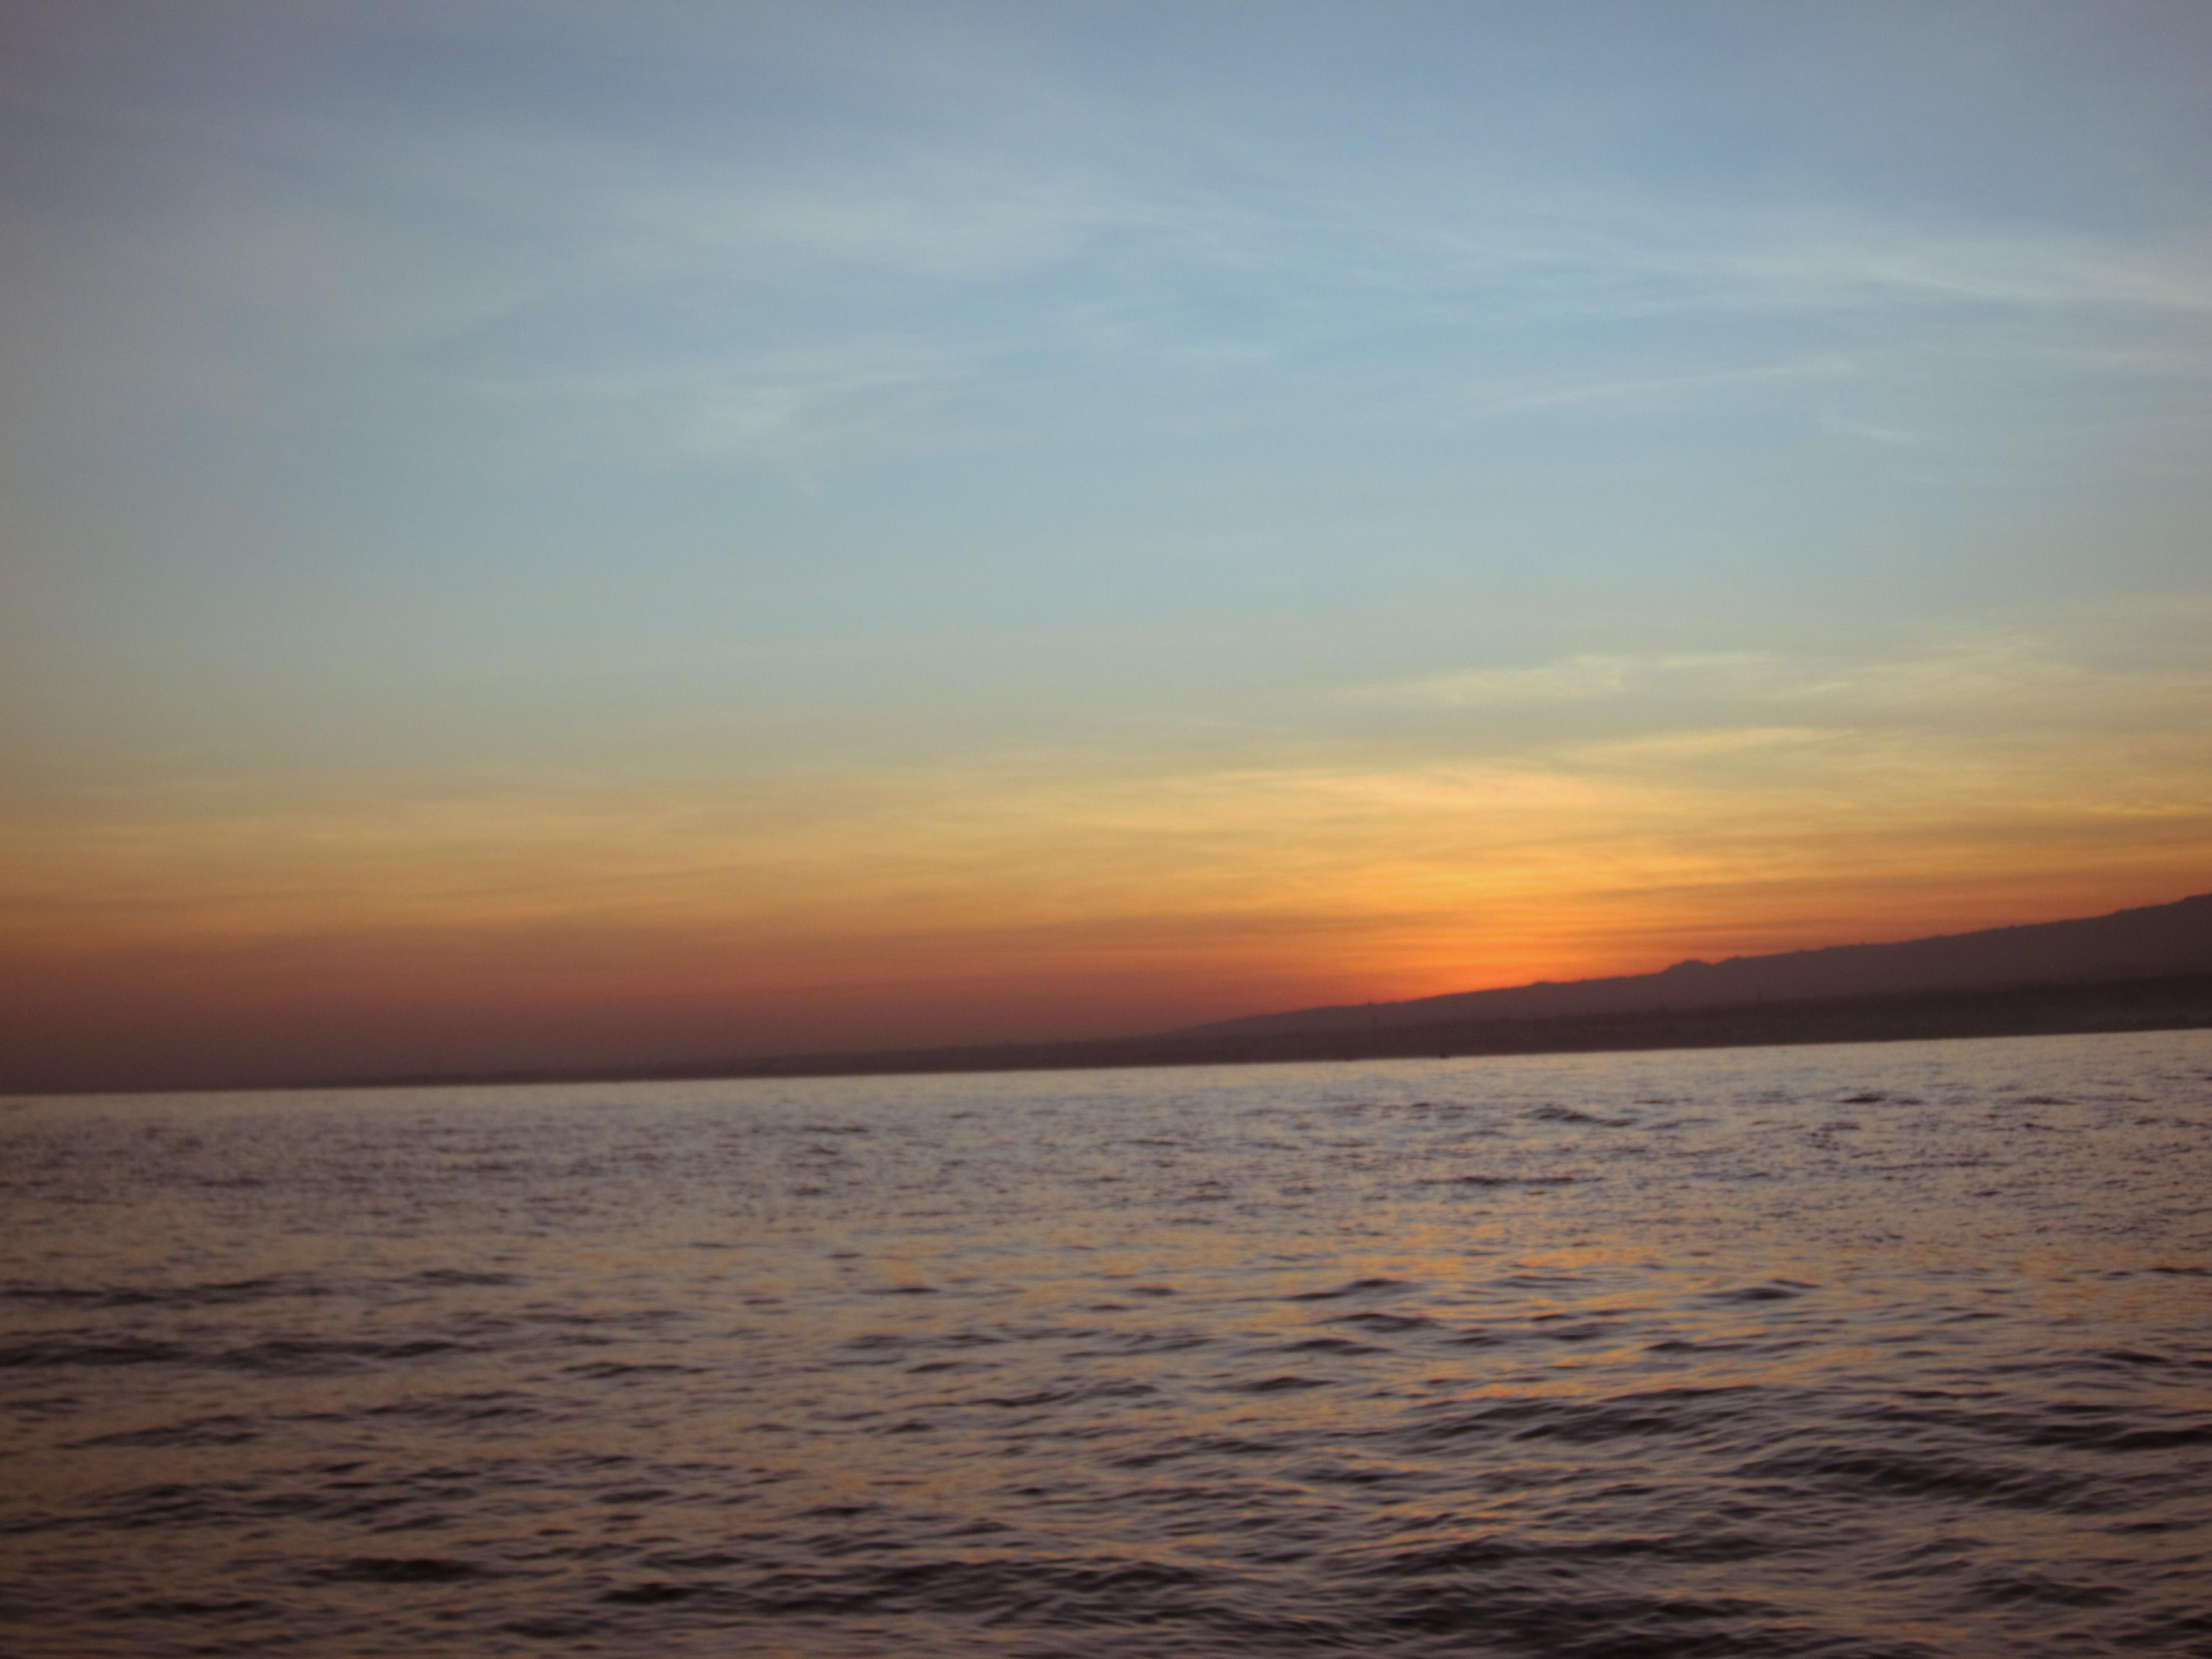 Bali Day 3